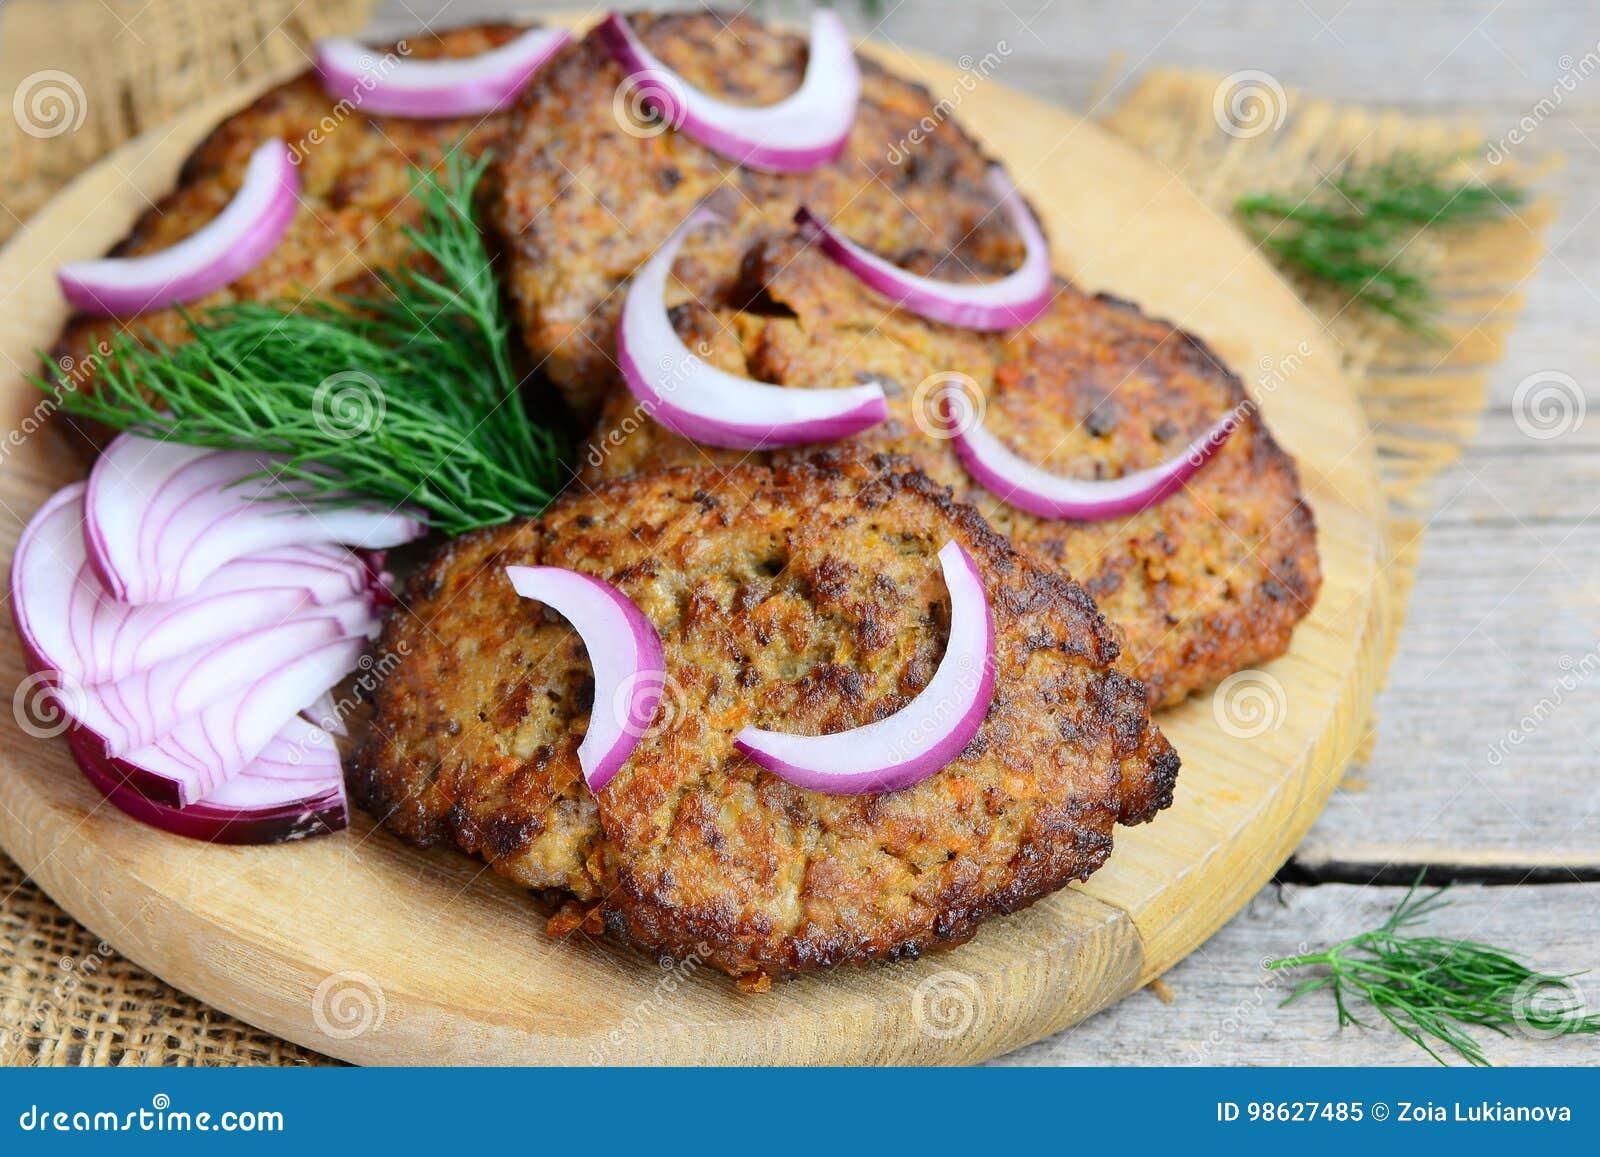 鸡肝小馅饼用红萝卜和葱 在一个木切板的自创炸鸡肝脏小馅饼